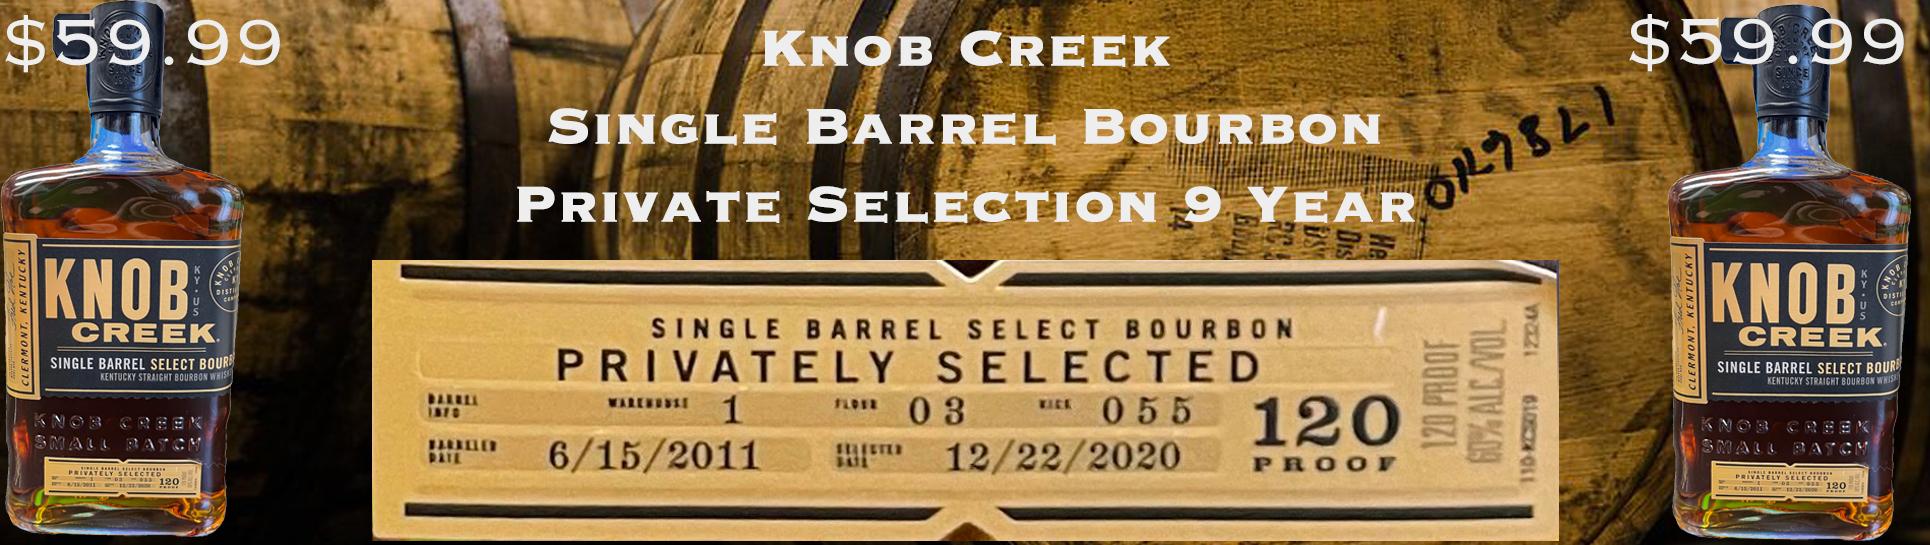 Knob Creek Private